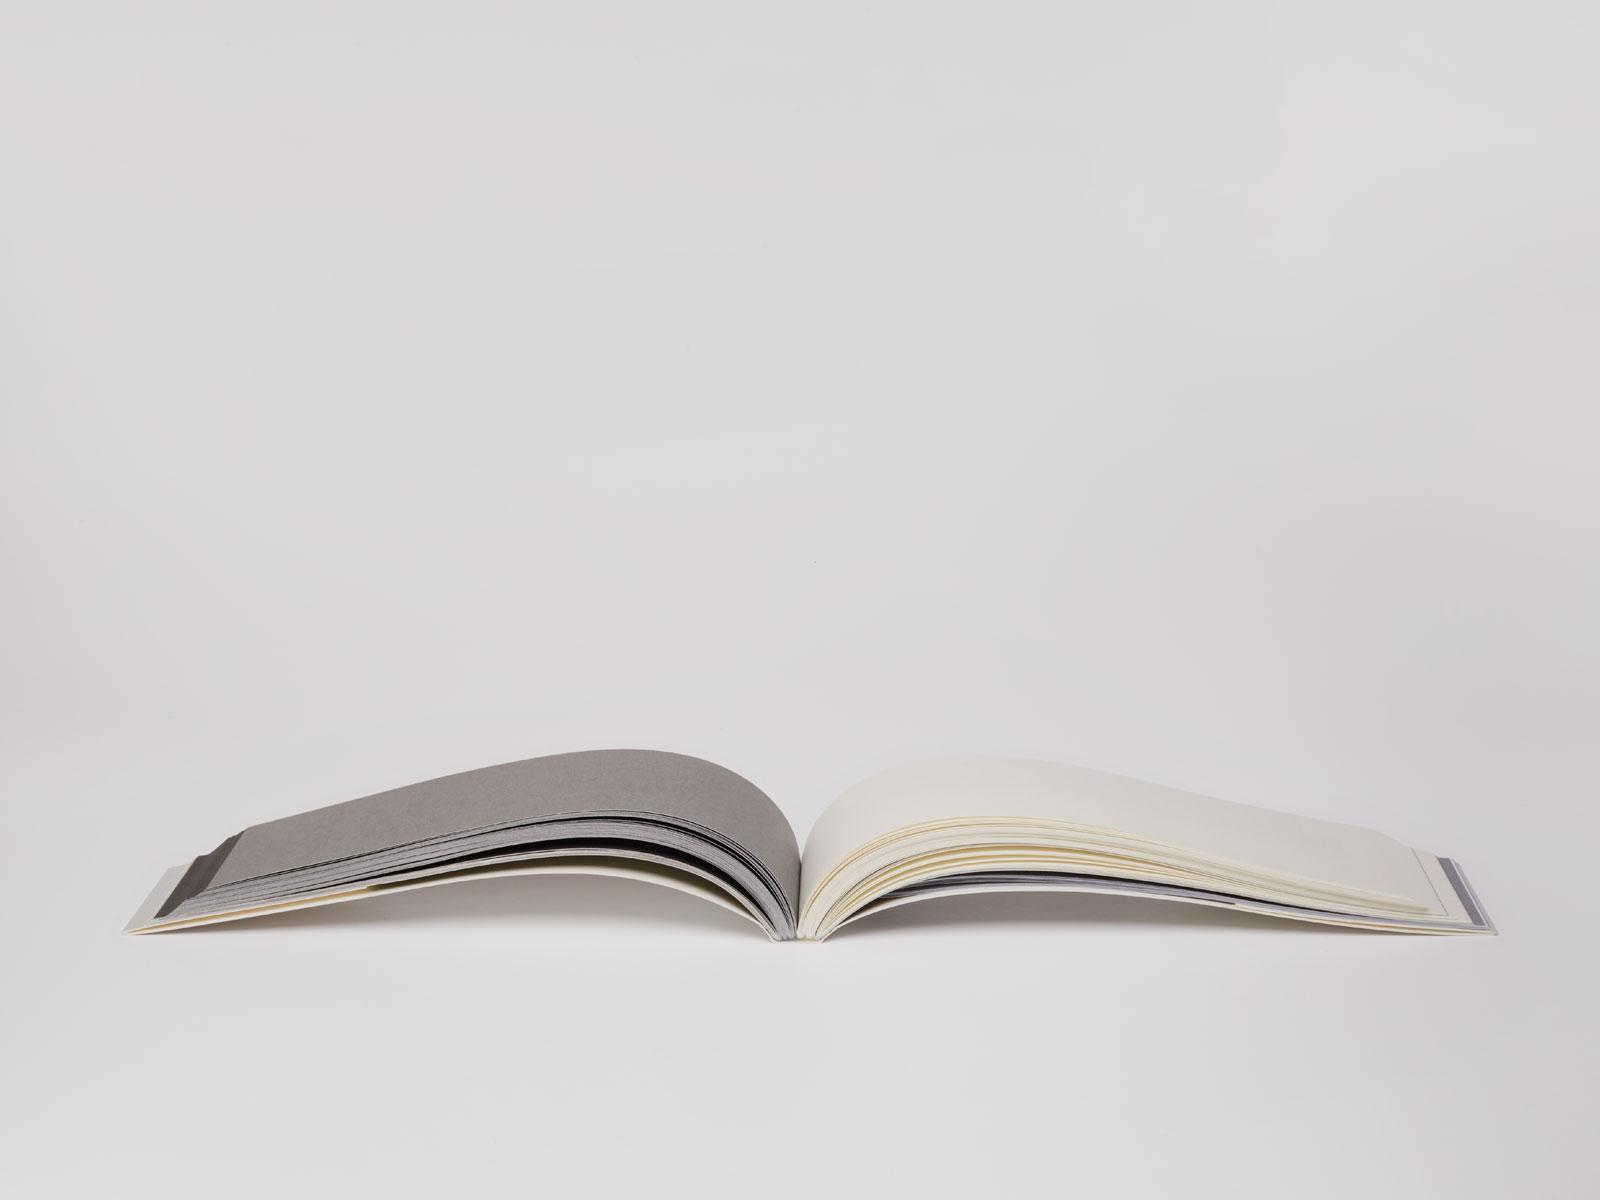 Hochwertige-Kataloge-drucken-Krautin-die-neue-Art-Publisher-für-Künstler-un-Fotografen